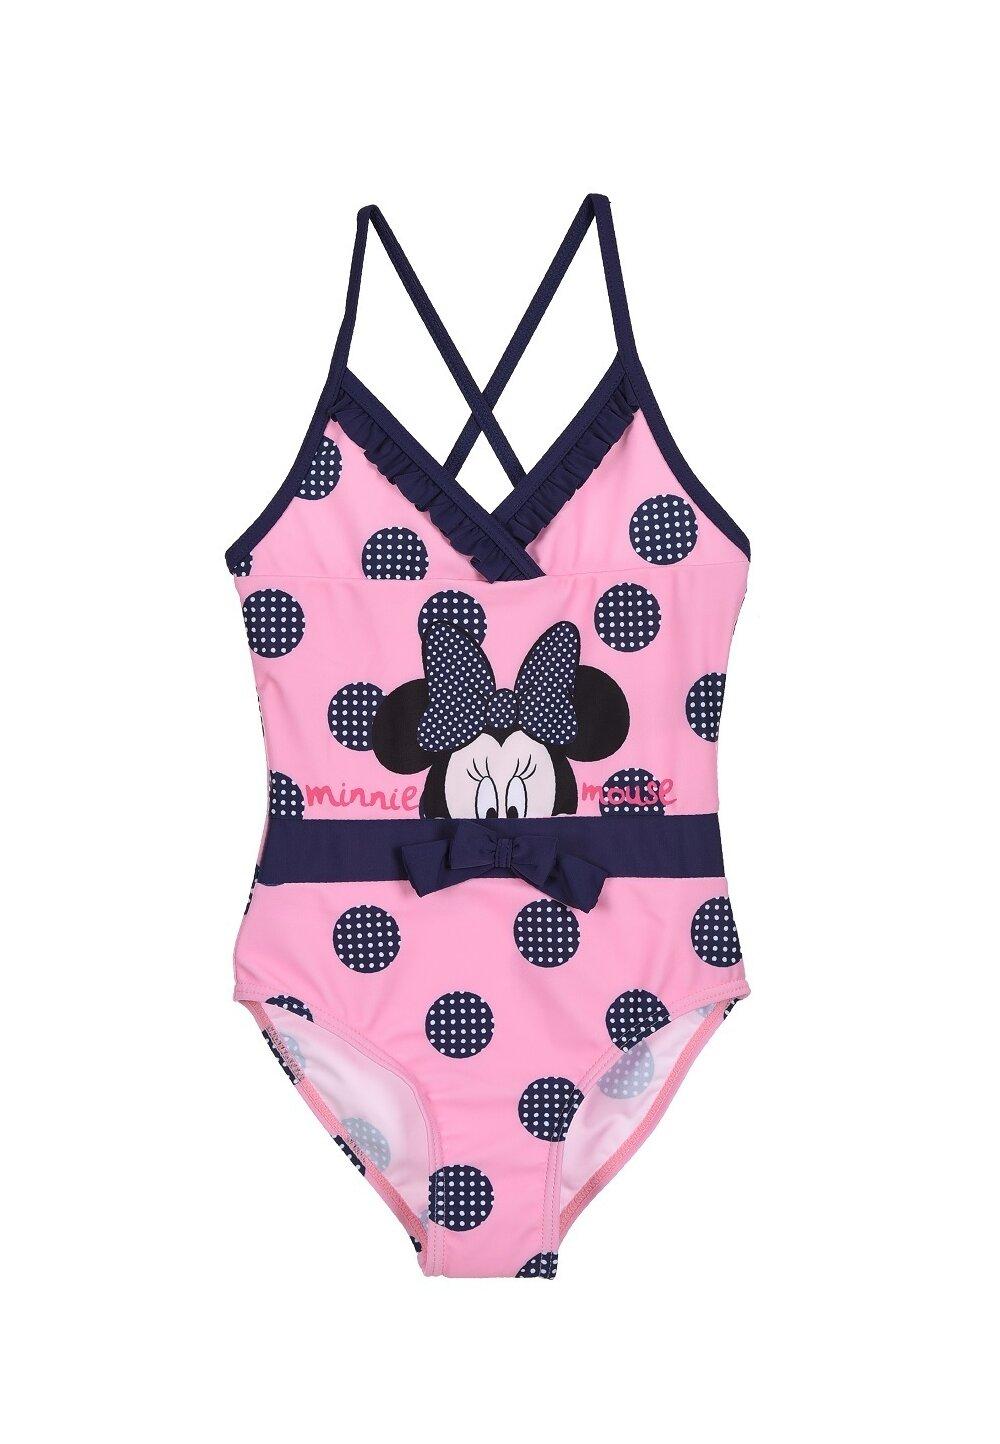 Costum de baie intreg, Minnie, roz cu buline si fundita imagine